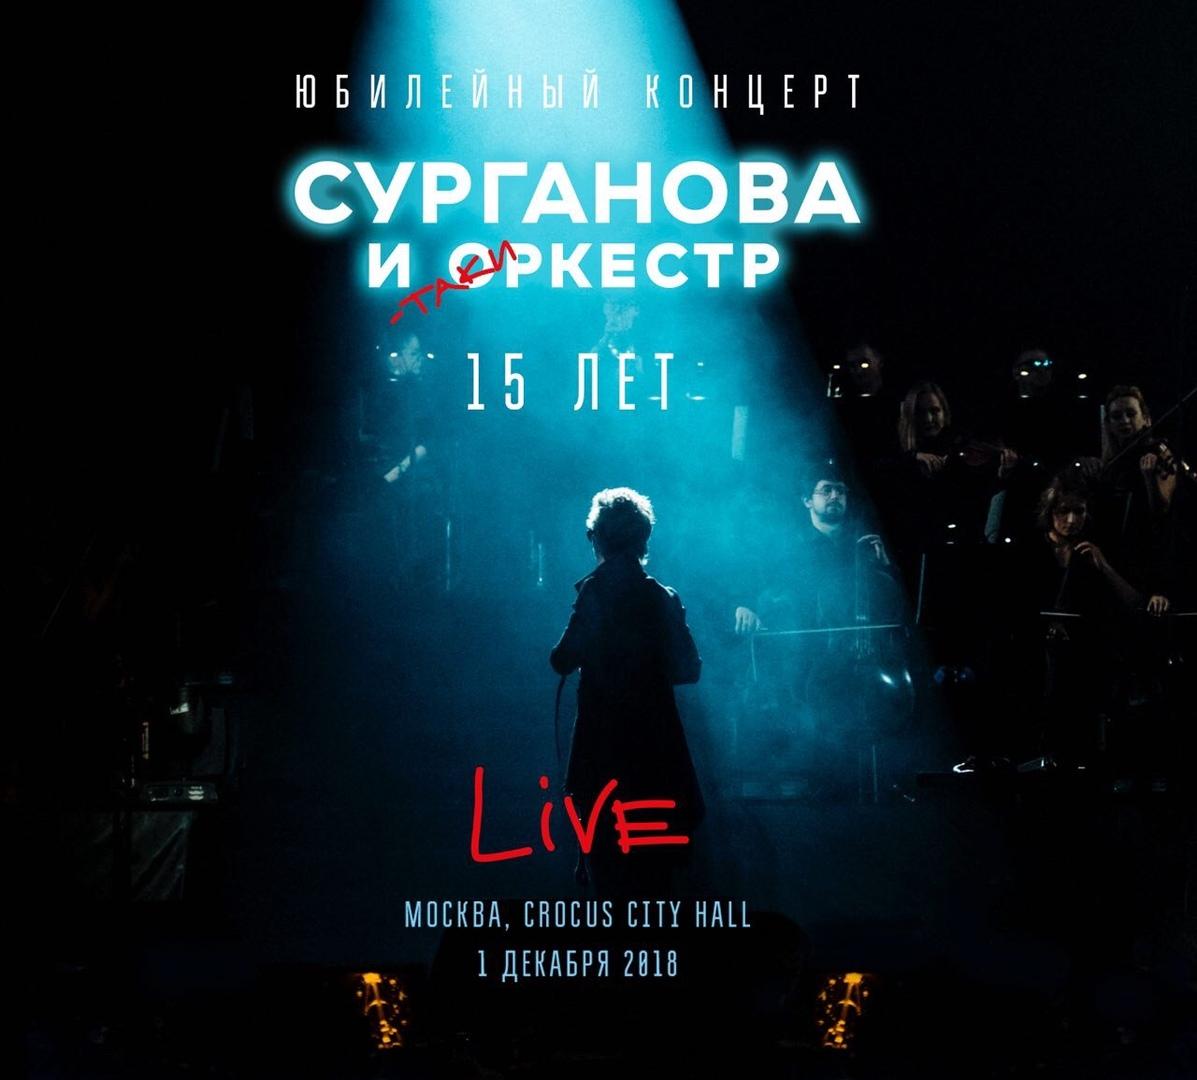 Сурганова и Оркестр издали юбилейный концерт в виде live-альбома